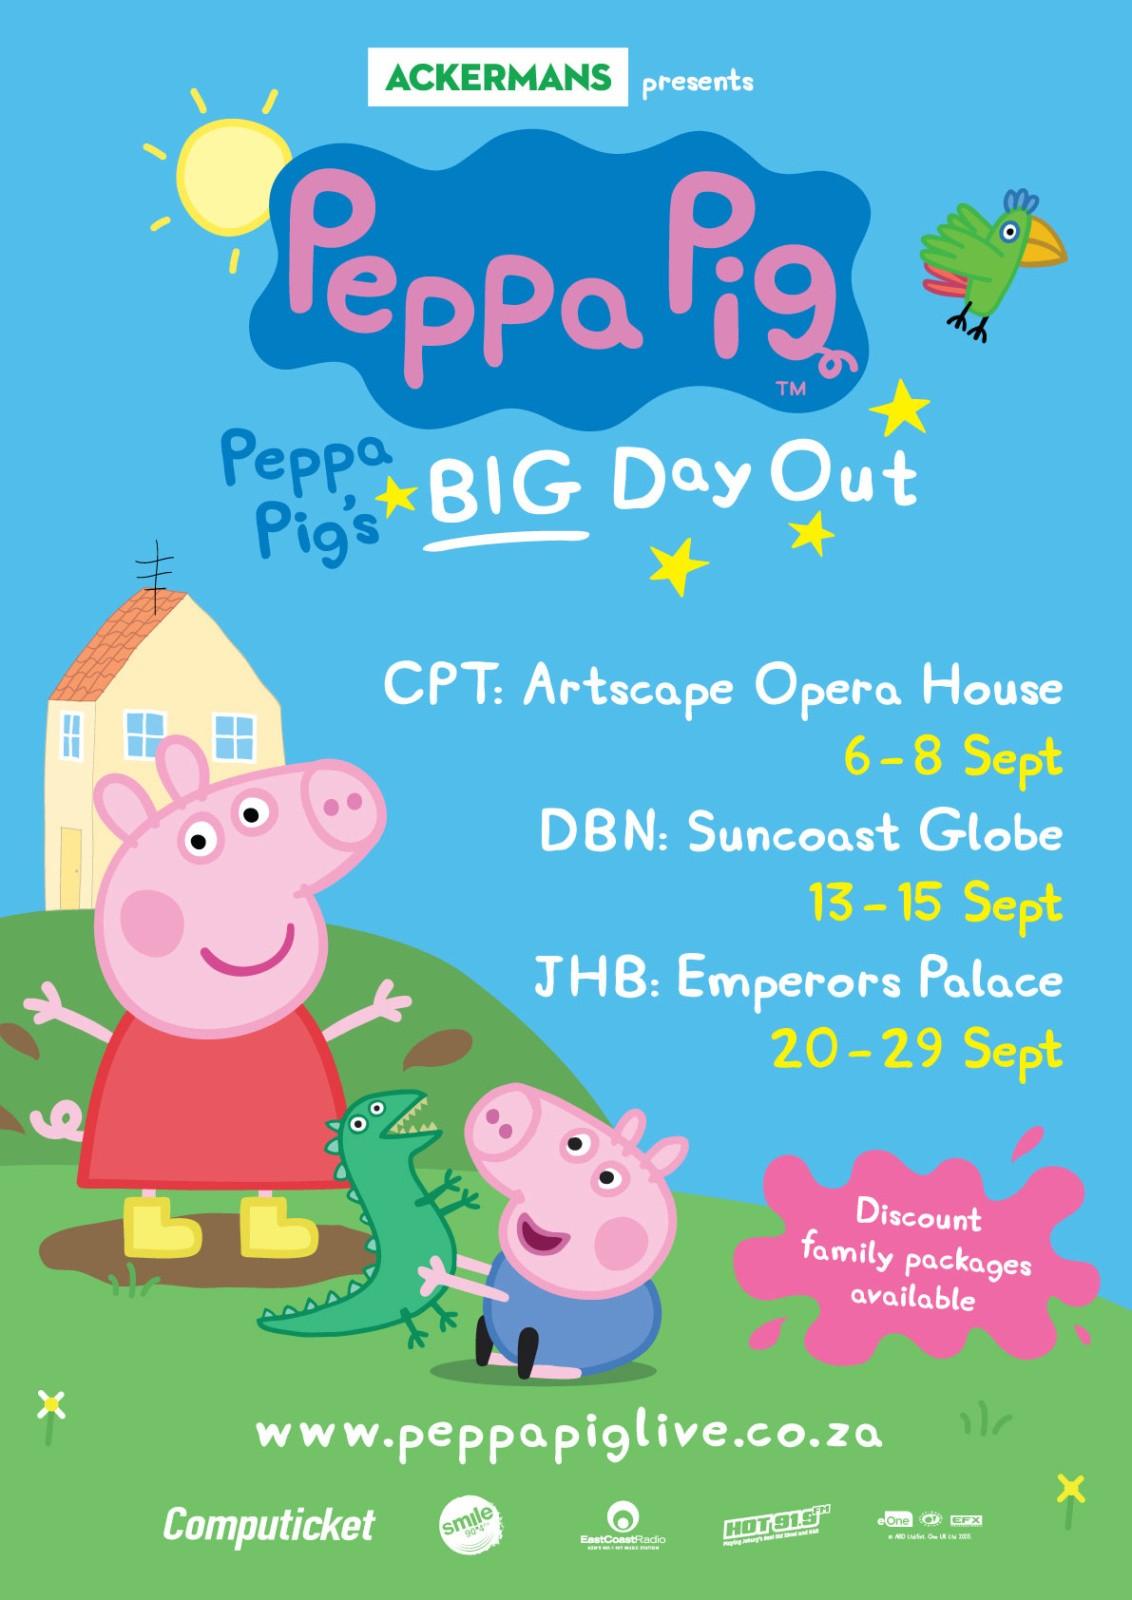 Peppa Pig Live In Sa 2019